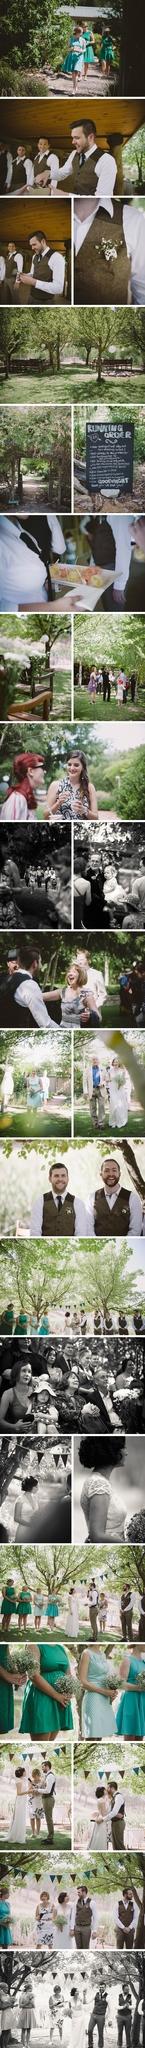 Rustic Redbrow Garden Wedding Photos